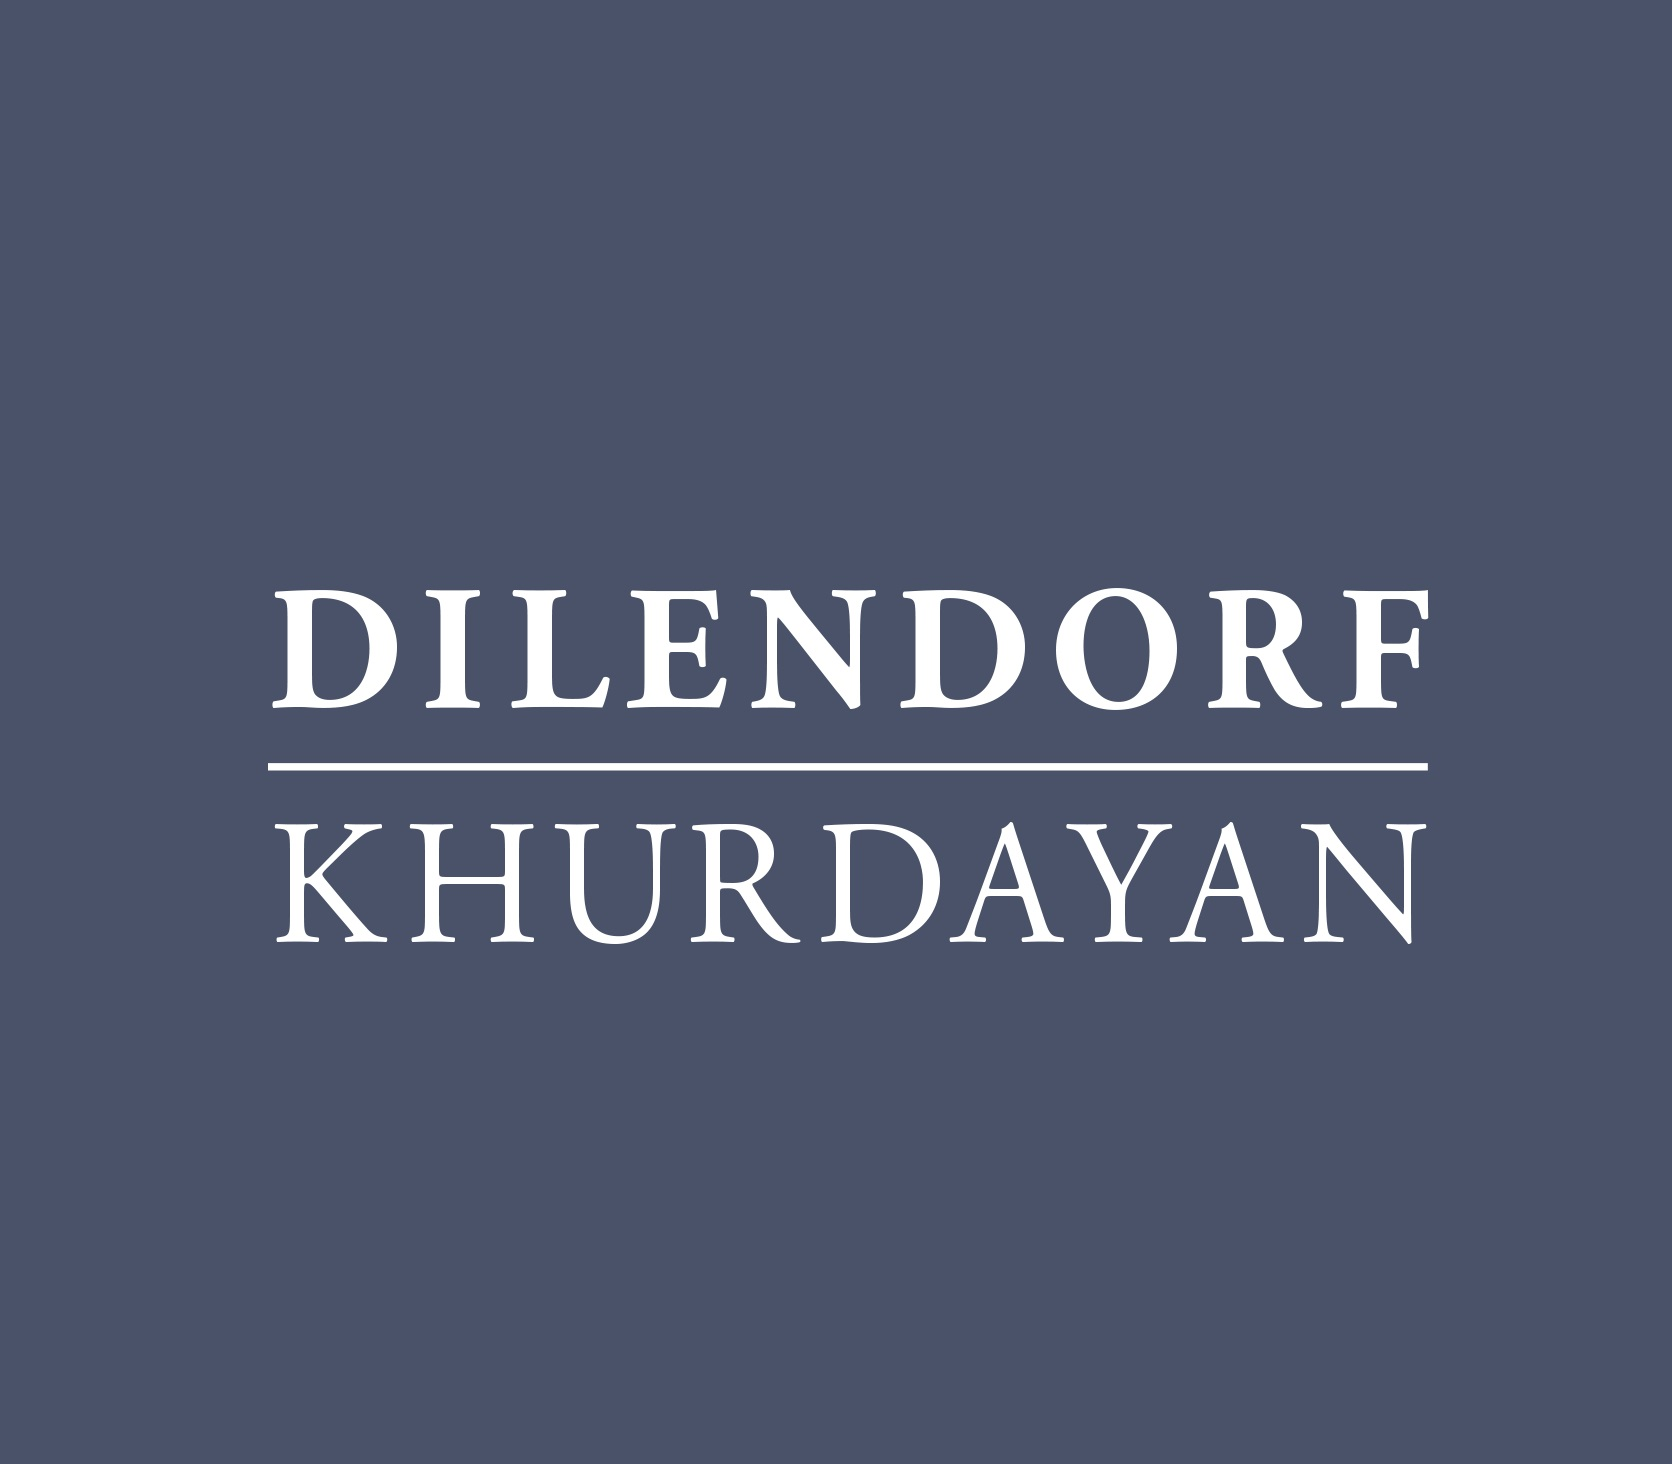 Dilendorf & Khurdayan